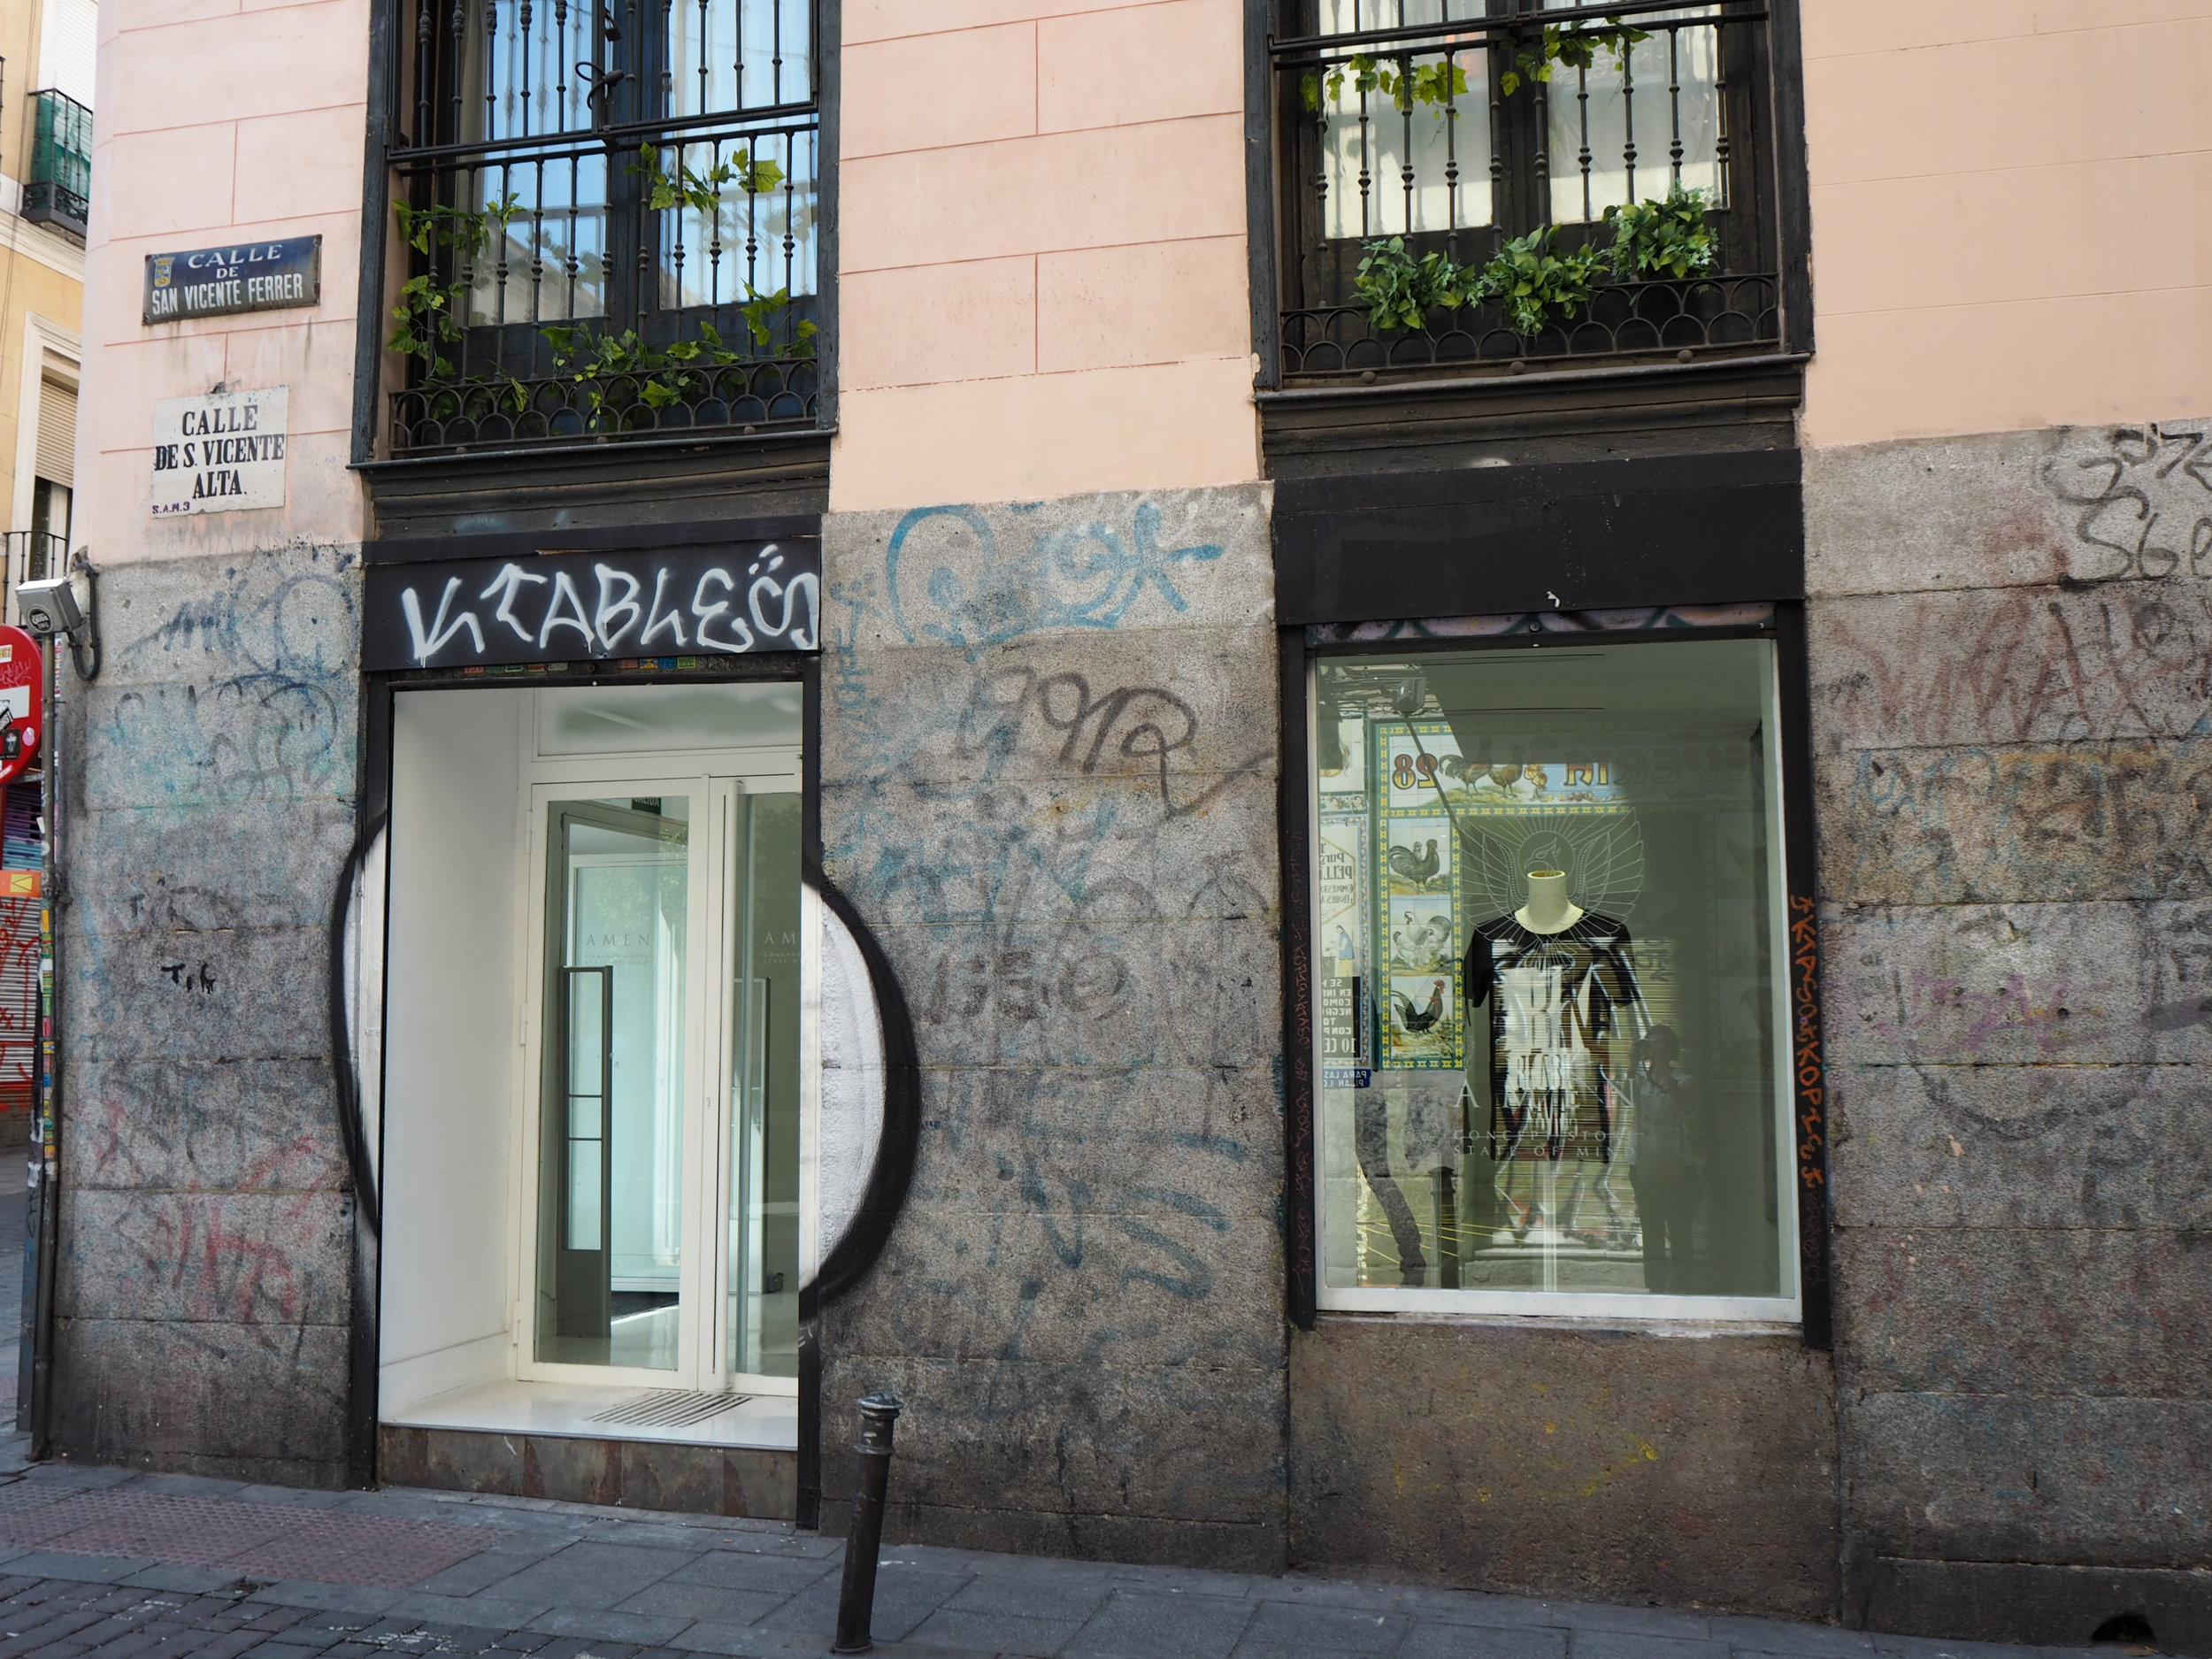 tiendas-ropa-madrid-originales-amen.JPG